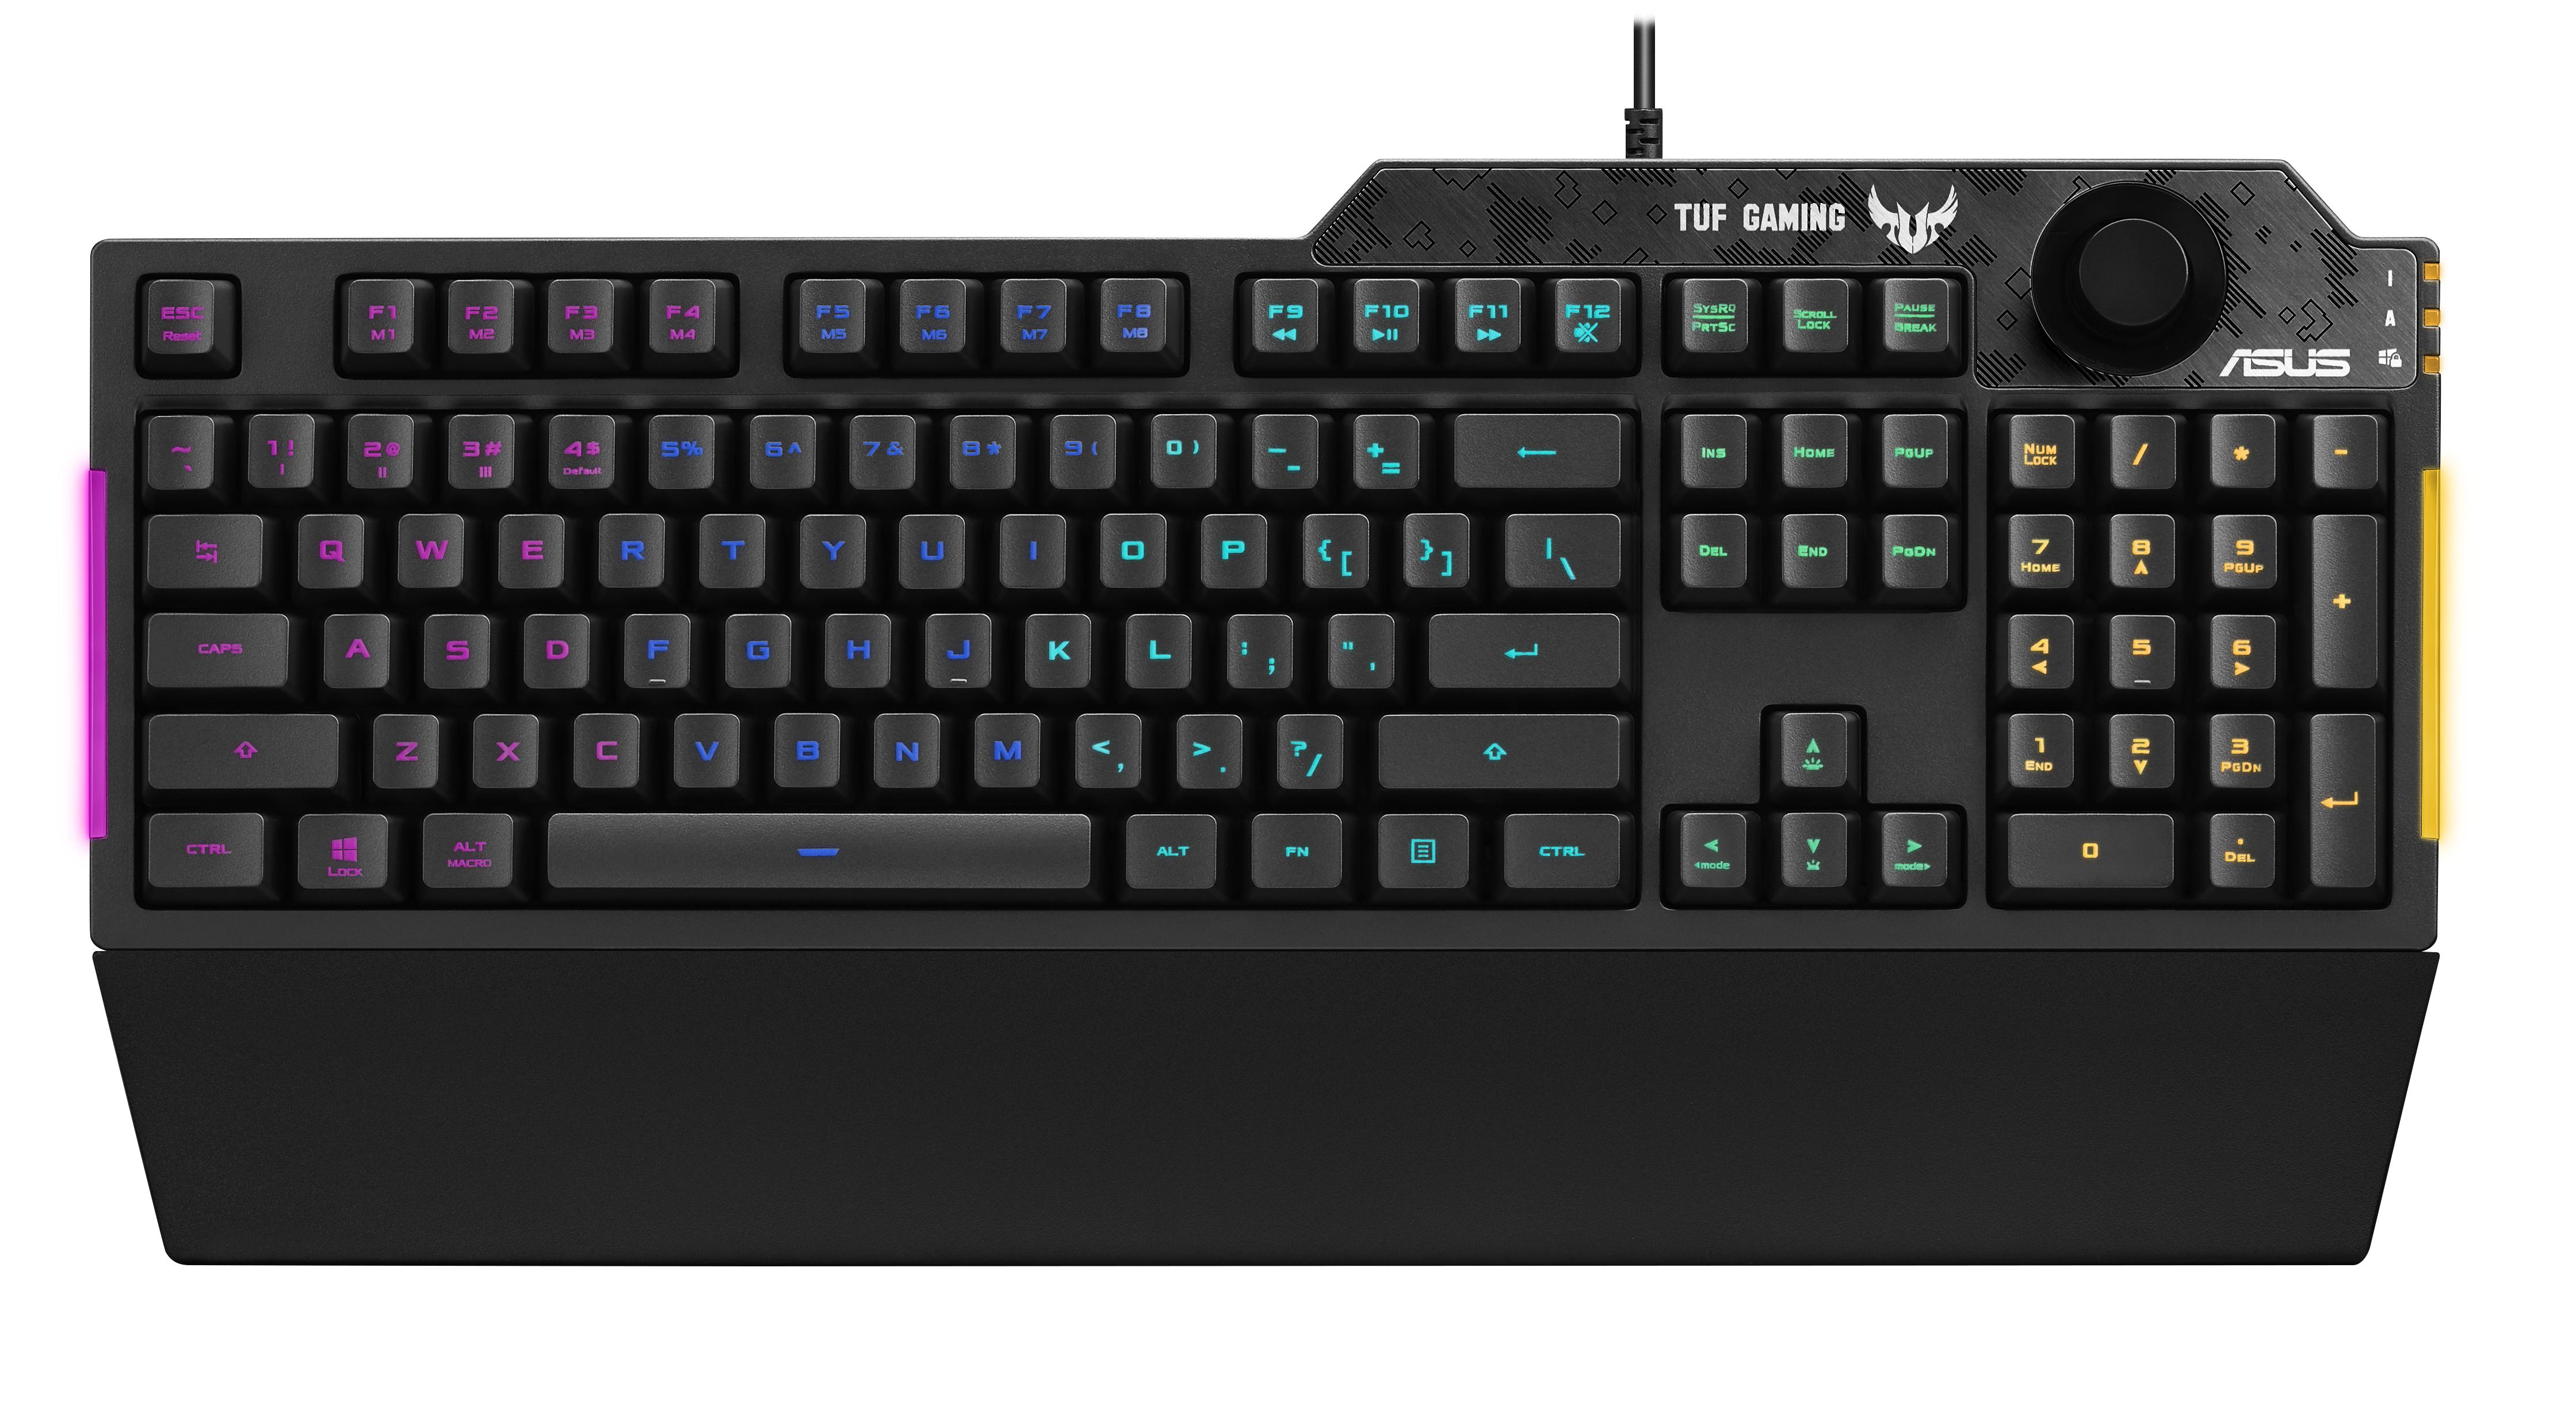 ASUS Tas Asus TUF Gaming Combo K1 Keyboard+ M3 Maus dt.